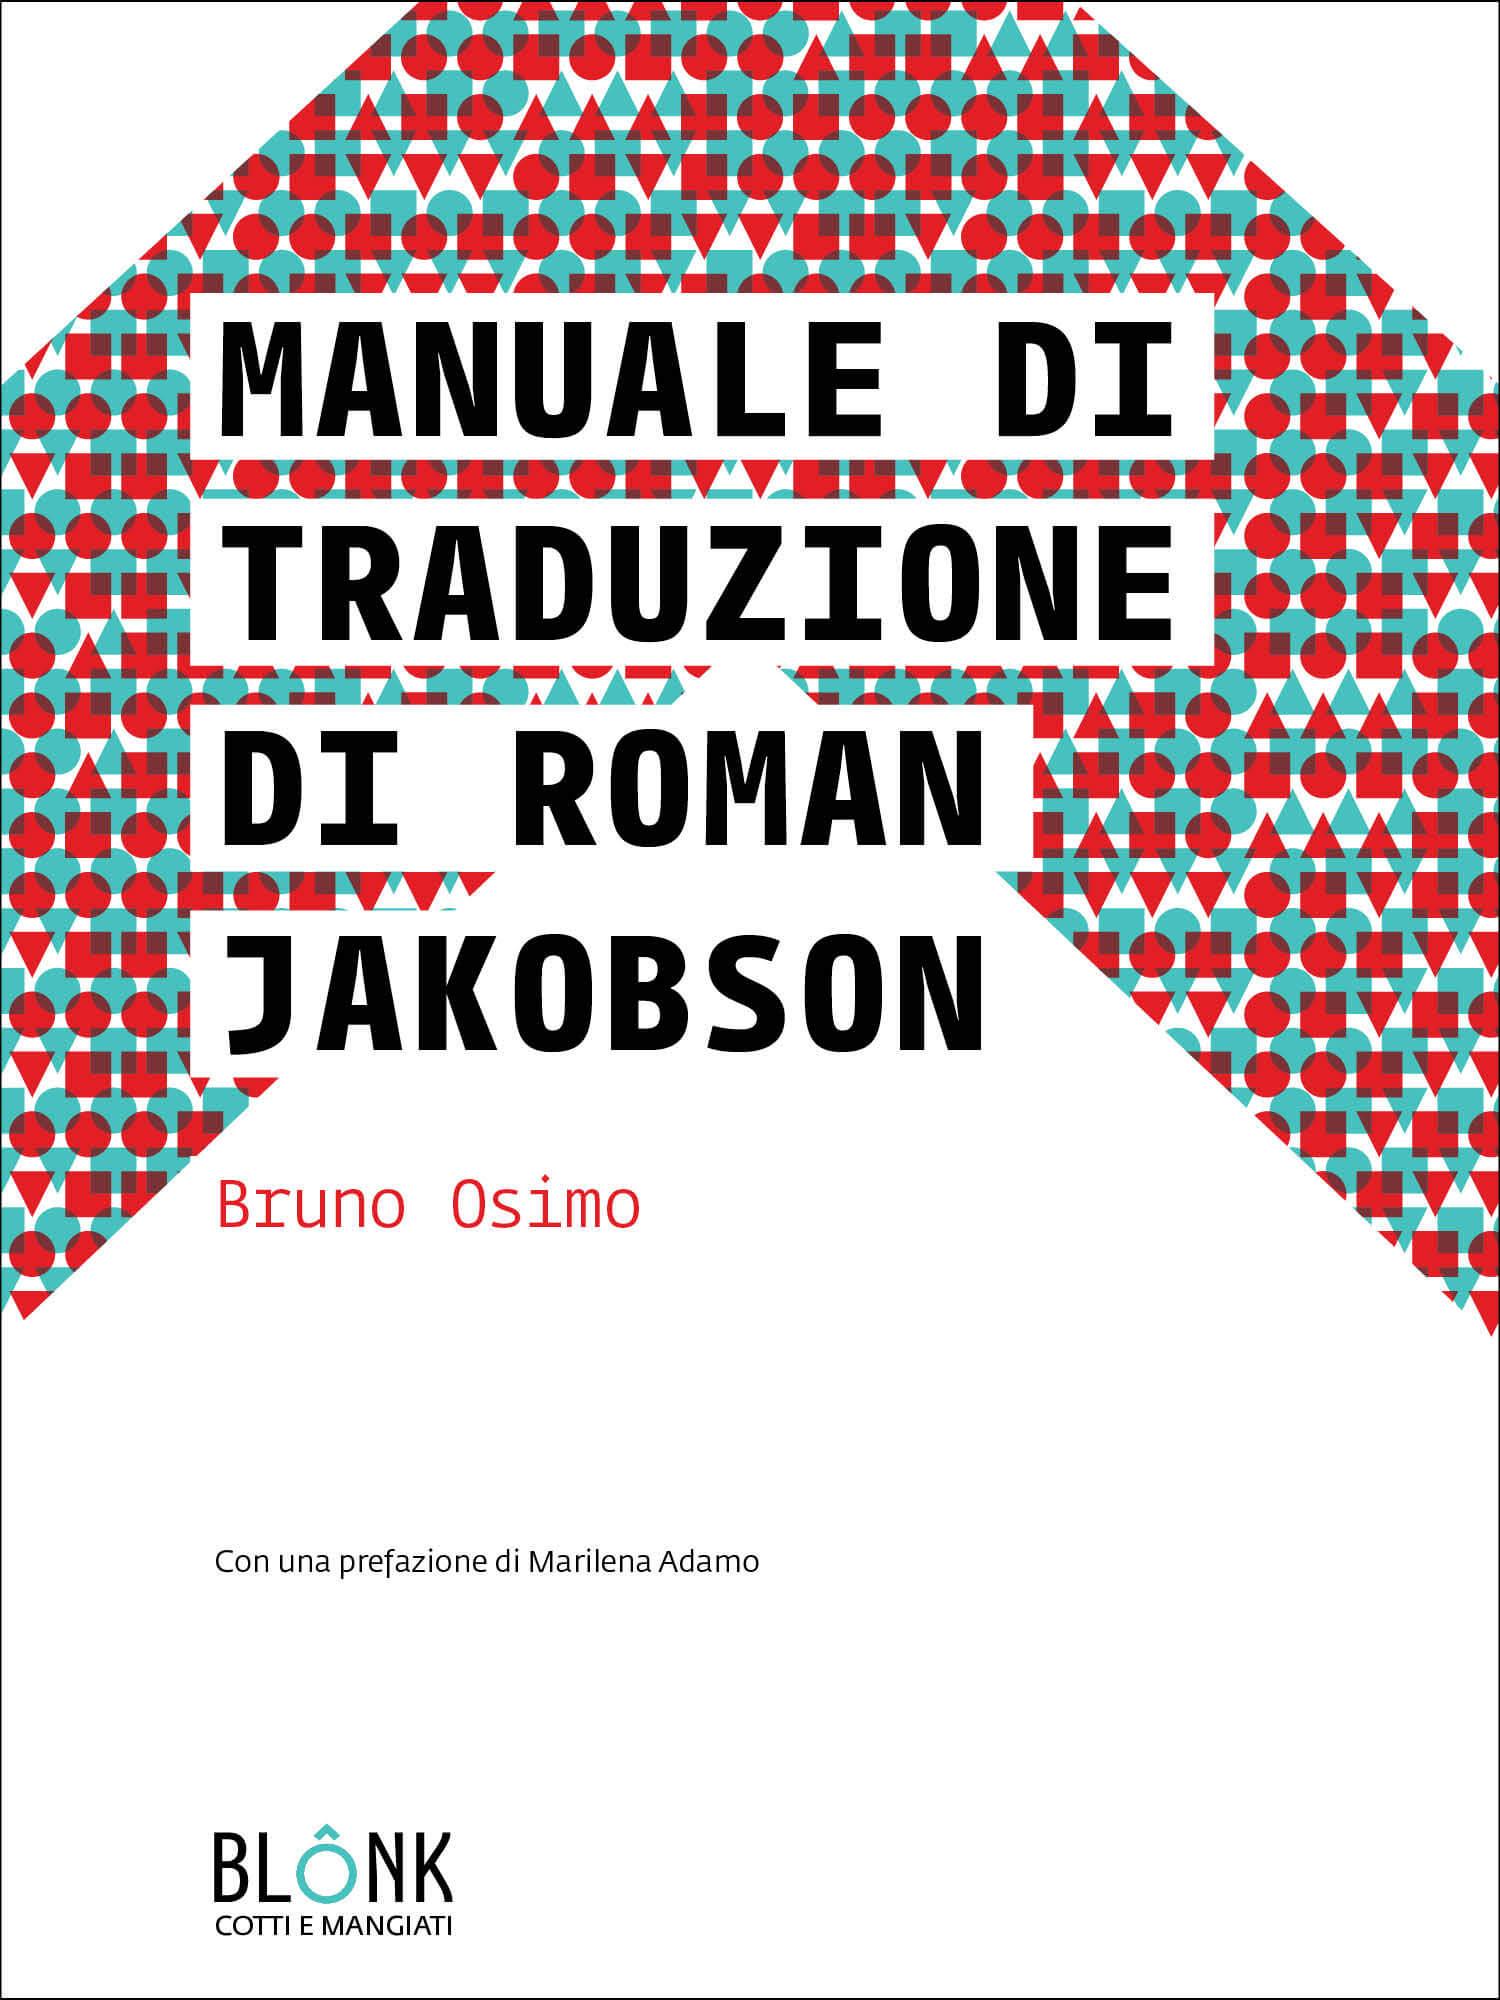 Manuale Del Traduttore Osimo Pdf